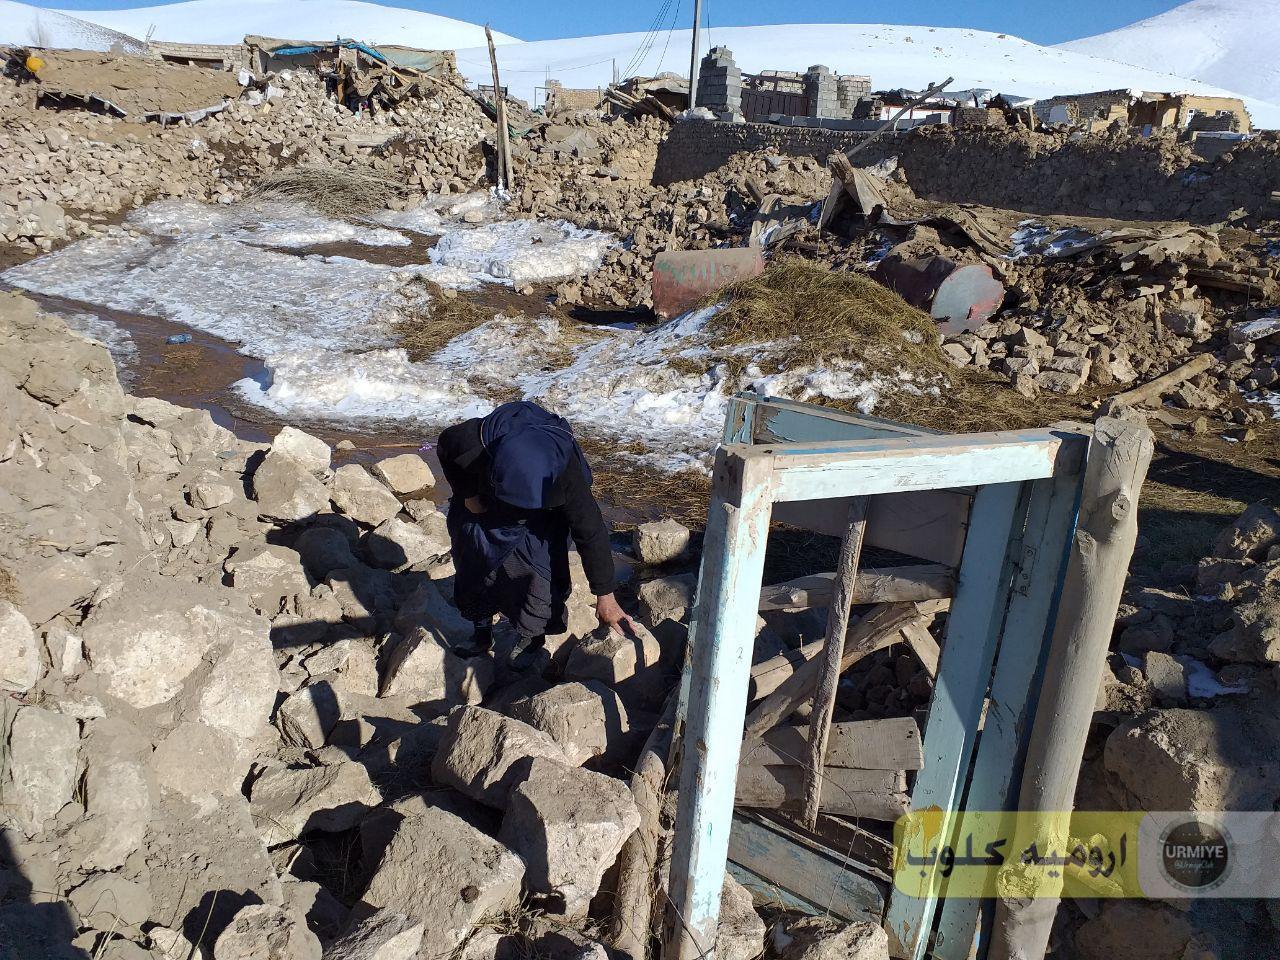 گزارش تصویری ارومیه کلوب از عمق خسارت زلزله به مناطق روستای قطور خوی